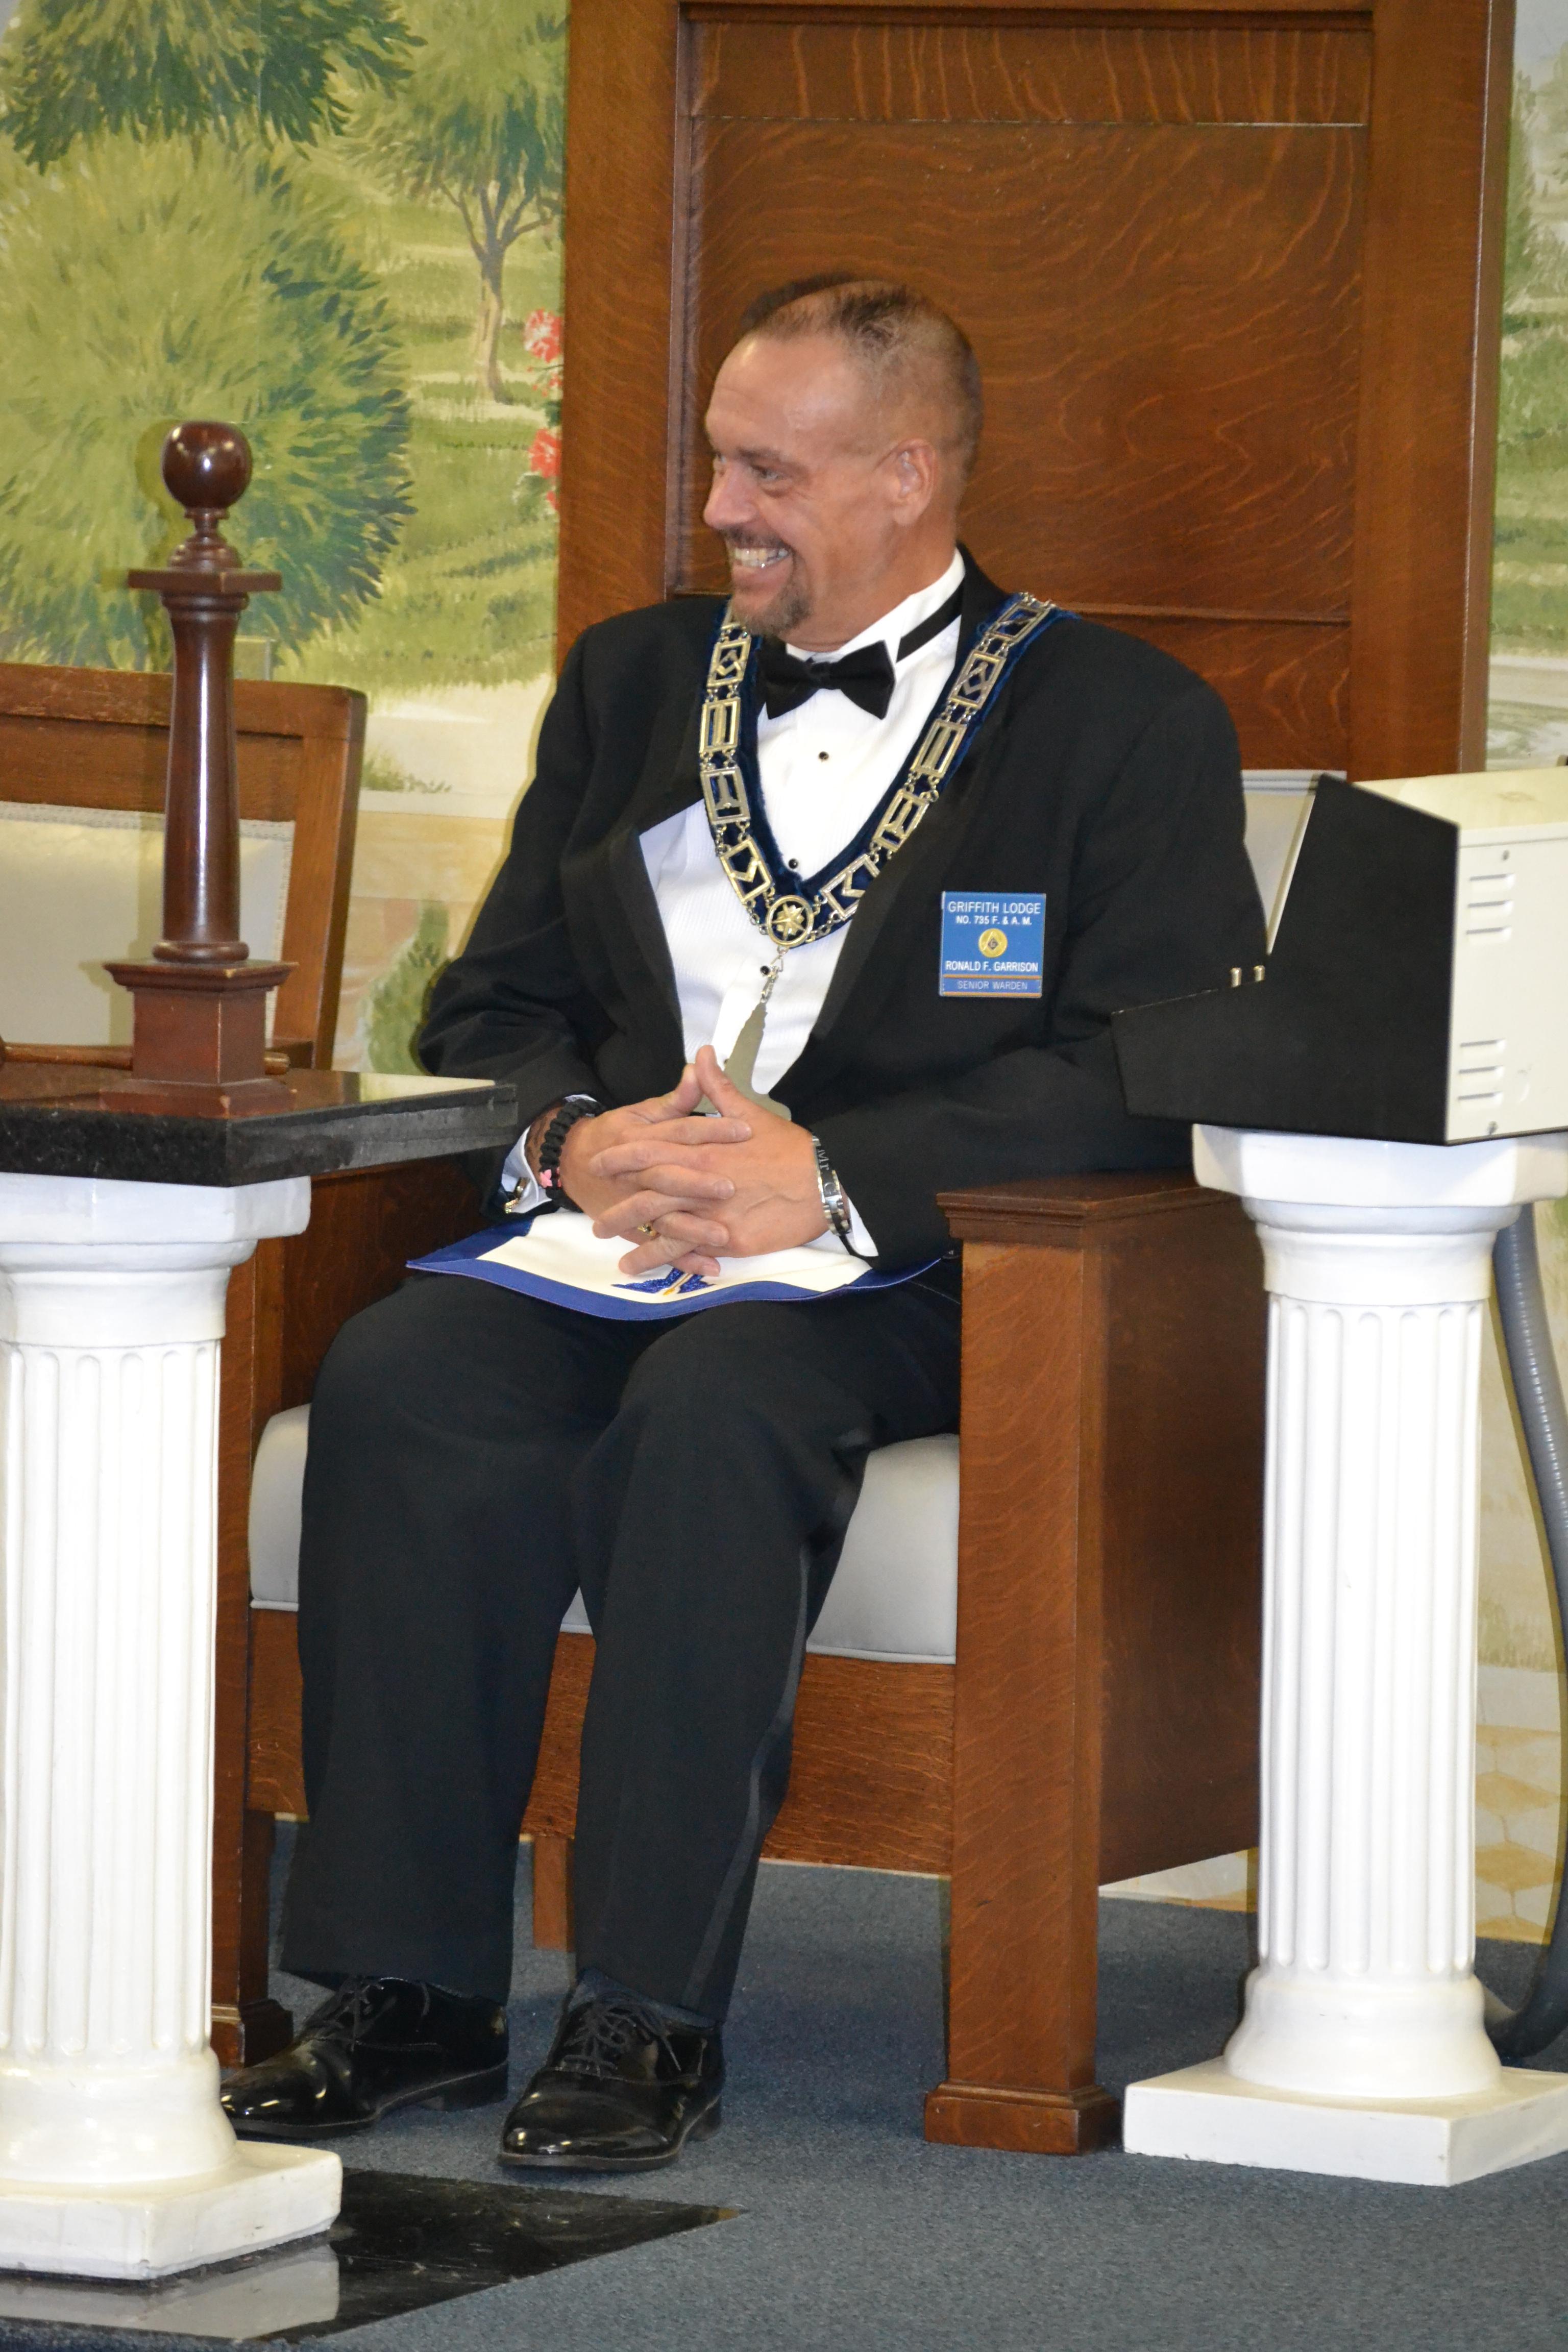 In senior wardens chair